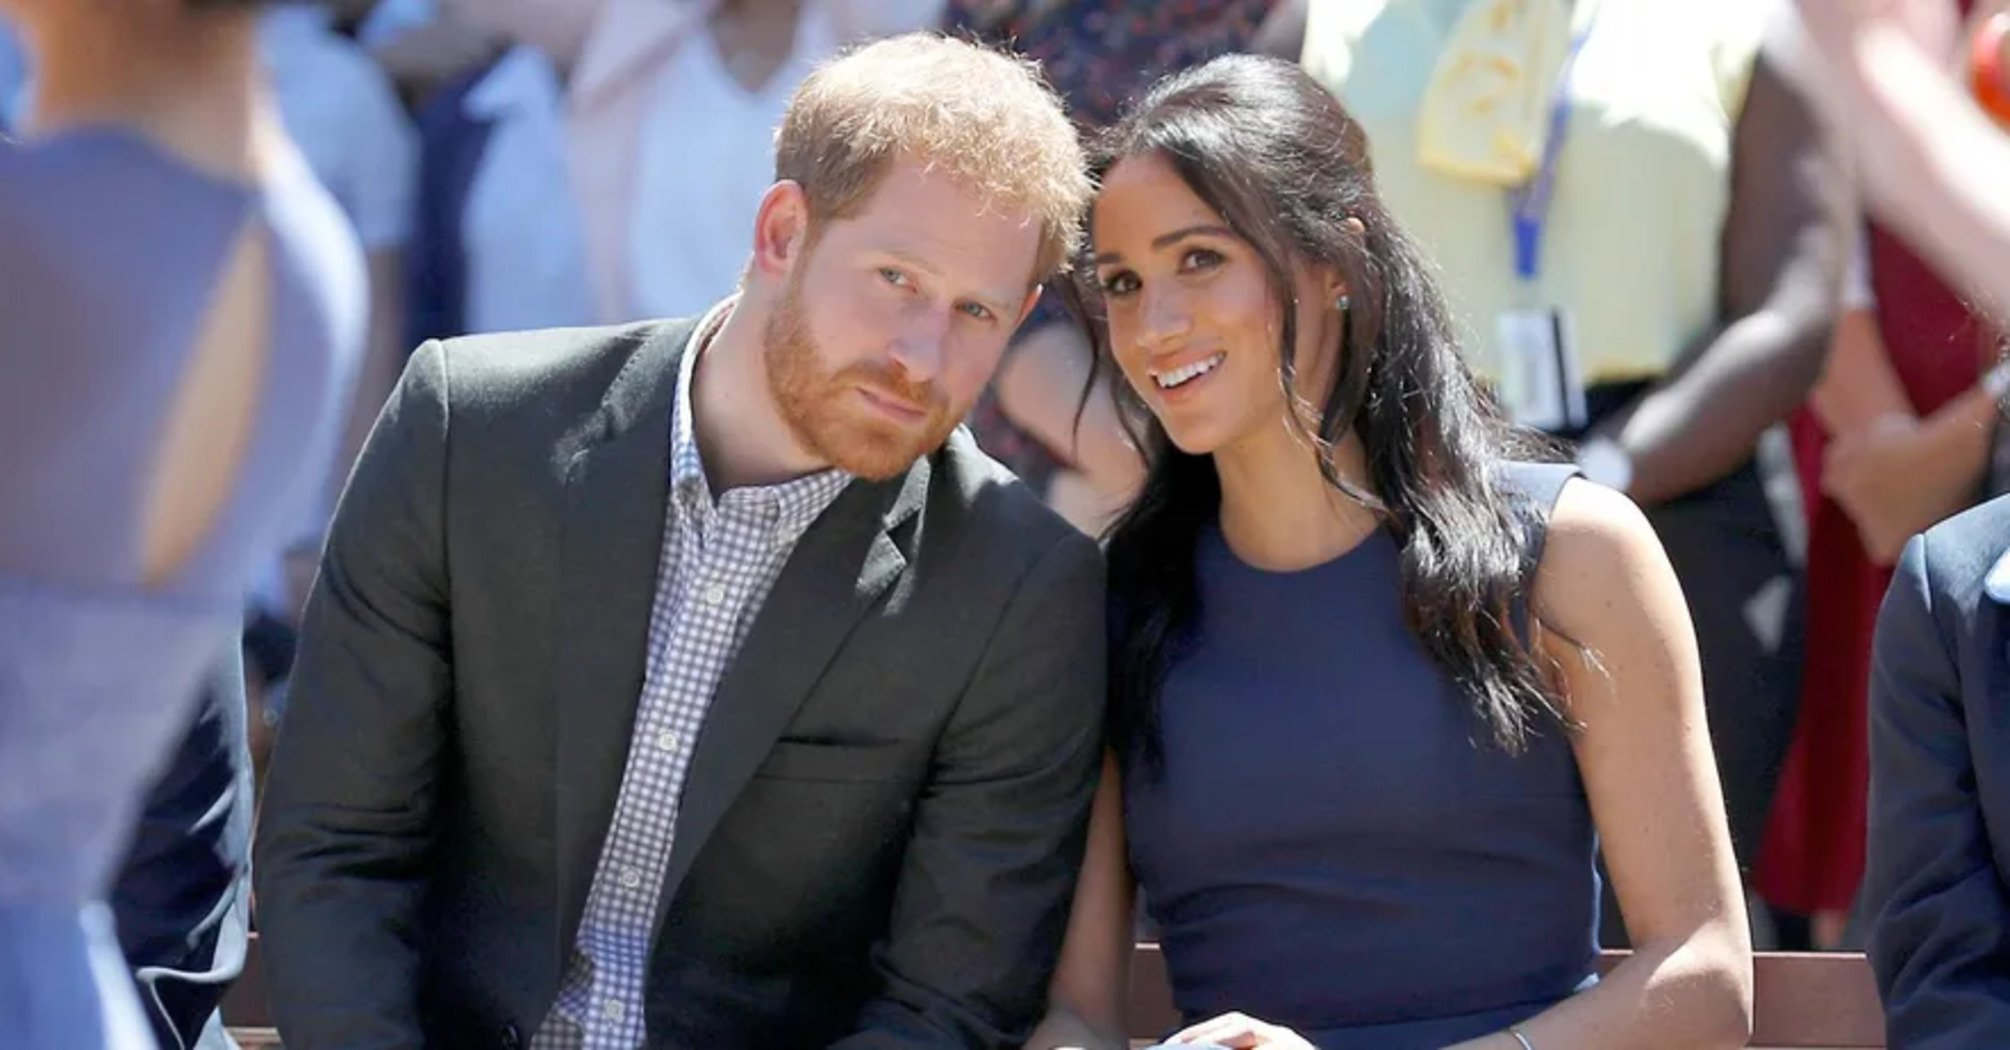 Принц Гарри и Меган Маркл отказались от обязанностей членов королевской семьи